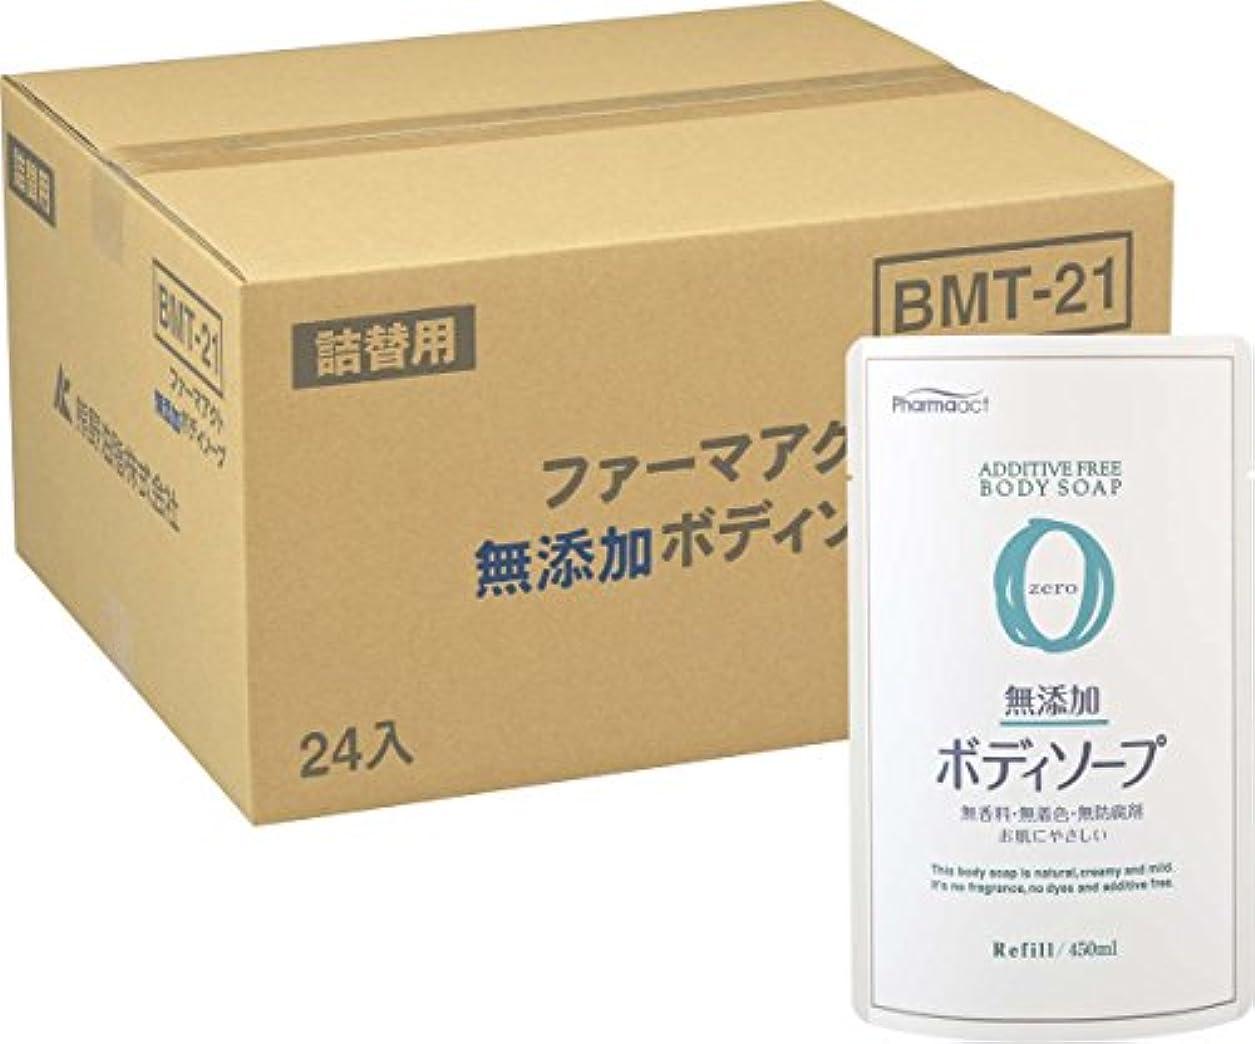 ビデオメンバー大使館【ケース販売】ファーマアクト 無添加ボディソープ詰替用 450ml×24個入